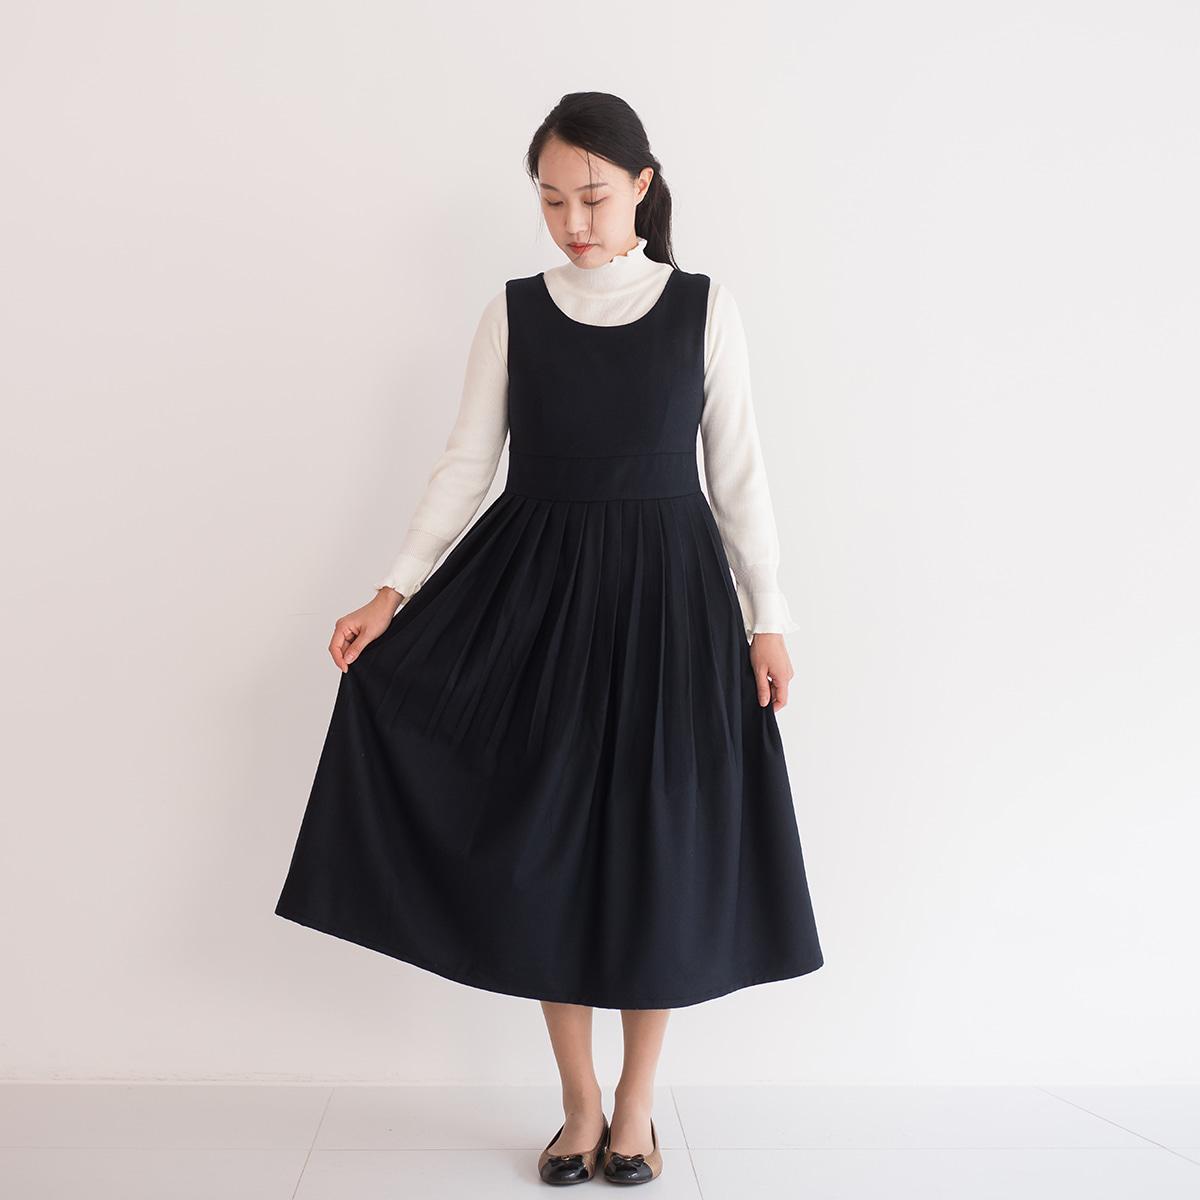 다오네우리옷 소단-울 기모원피스(네이비) 생활한복(개량한복)